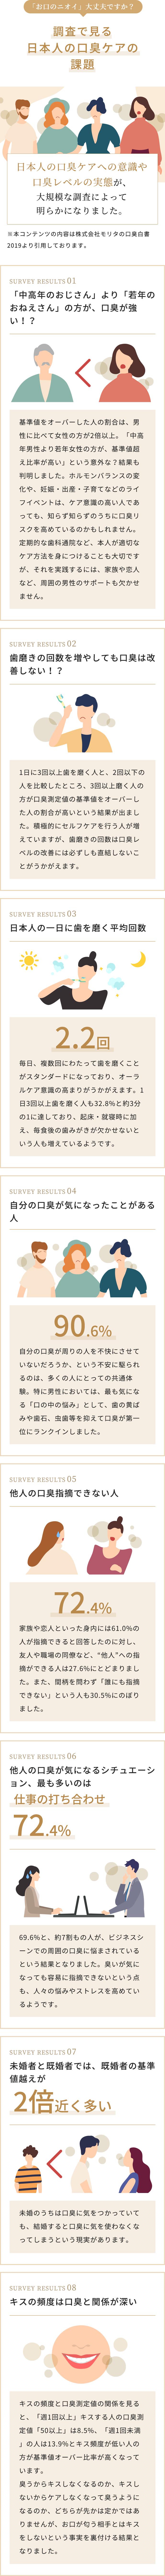 調査で見る日本人の口臭ケアの課題